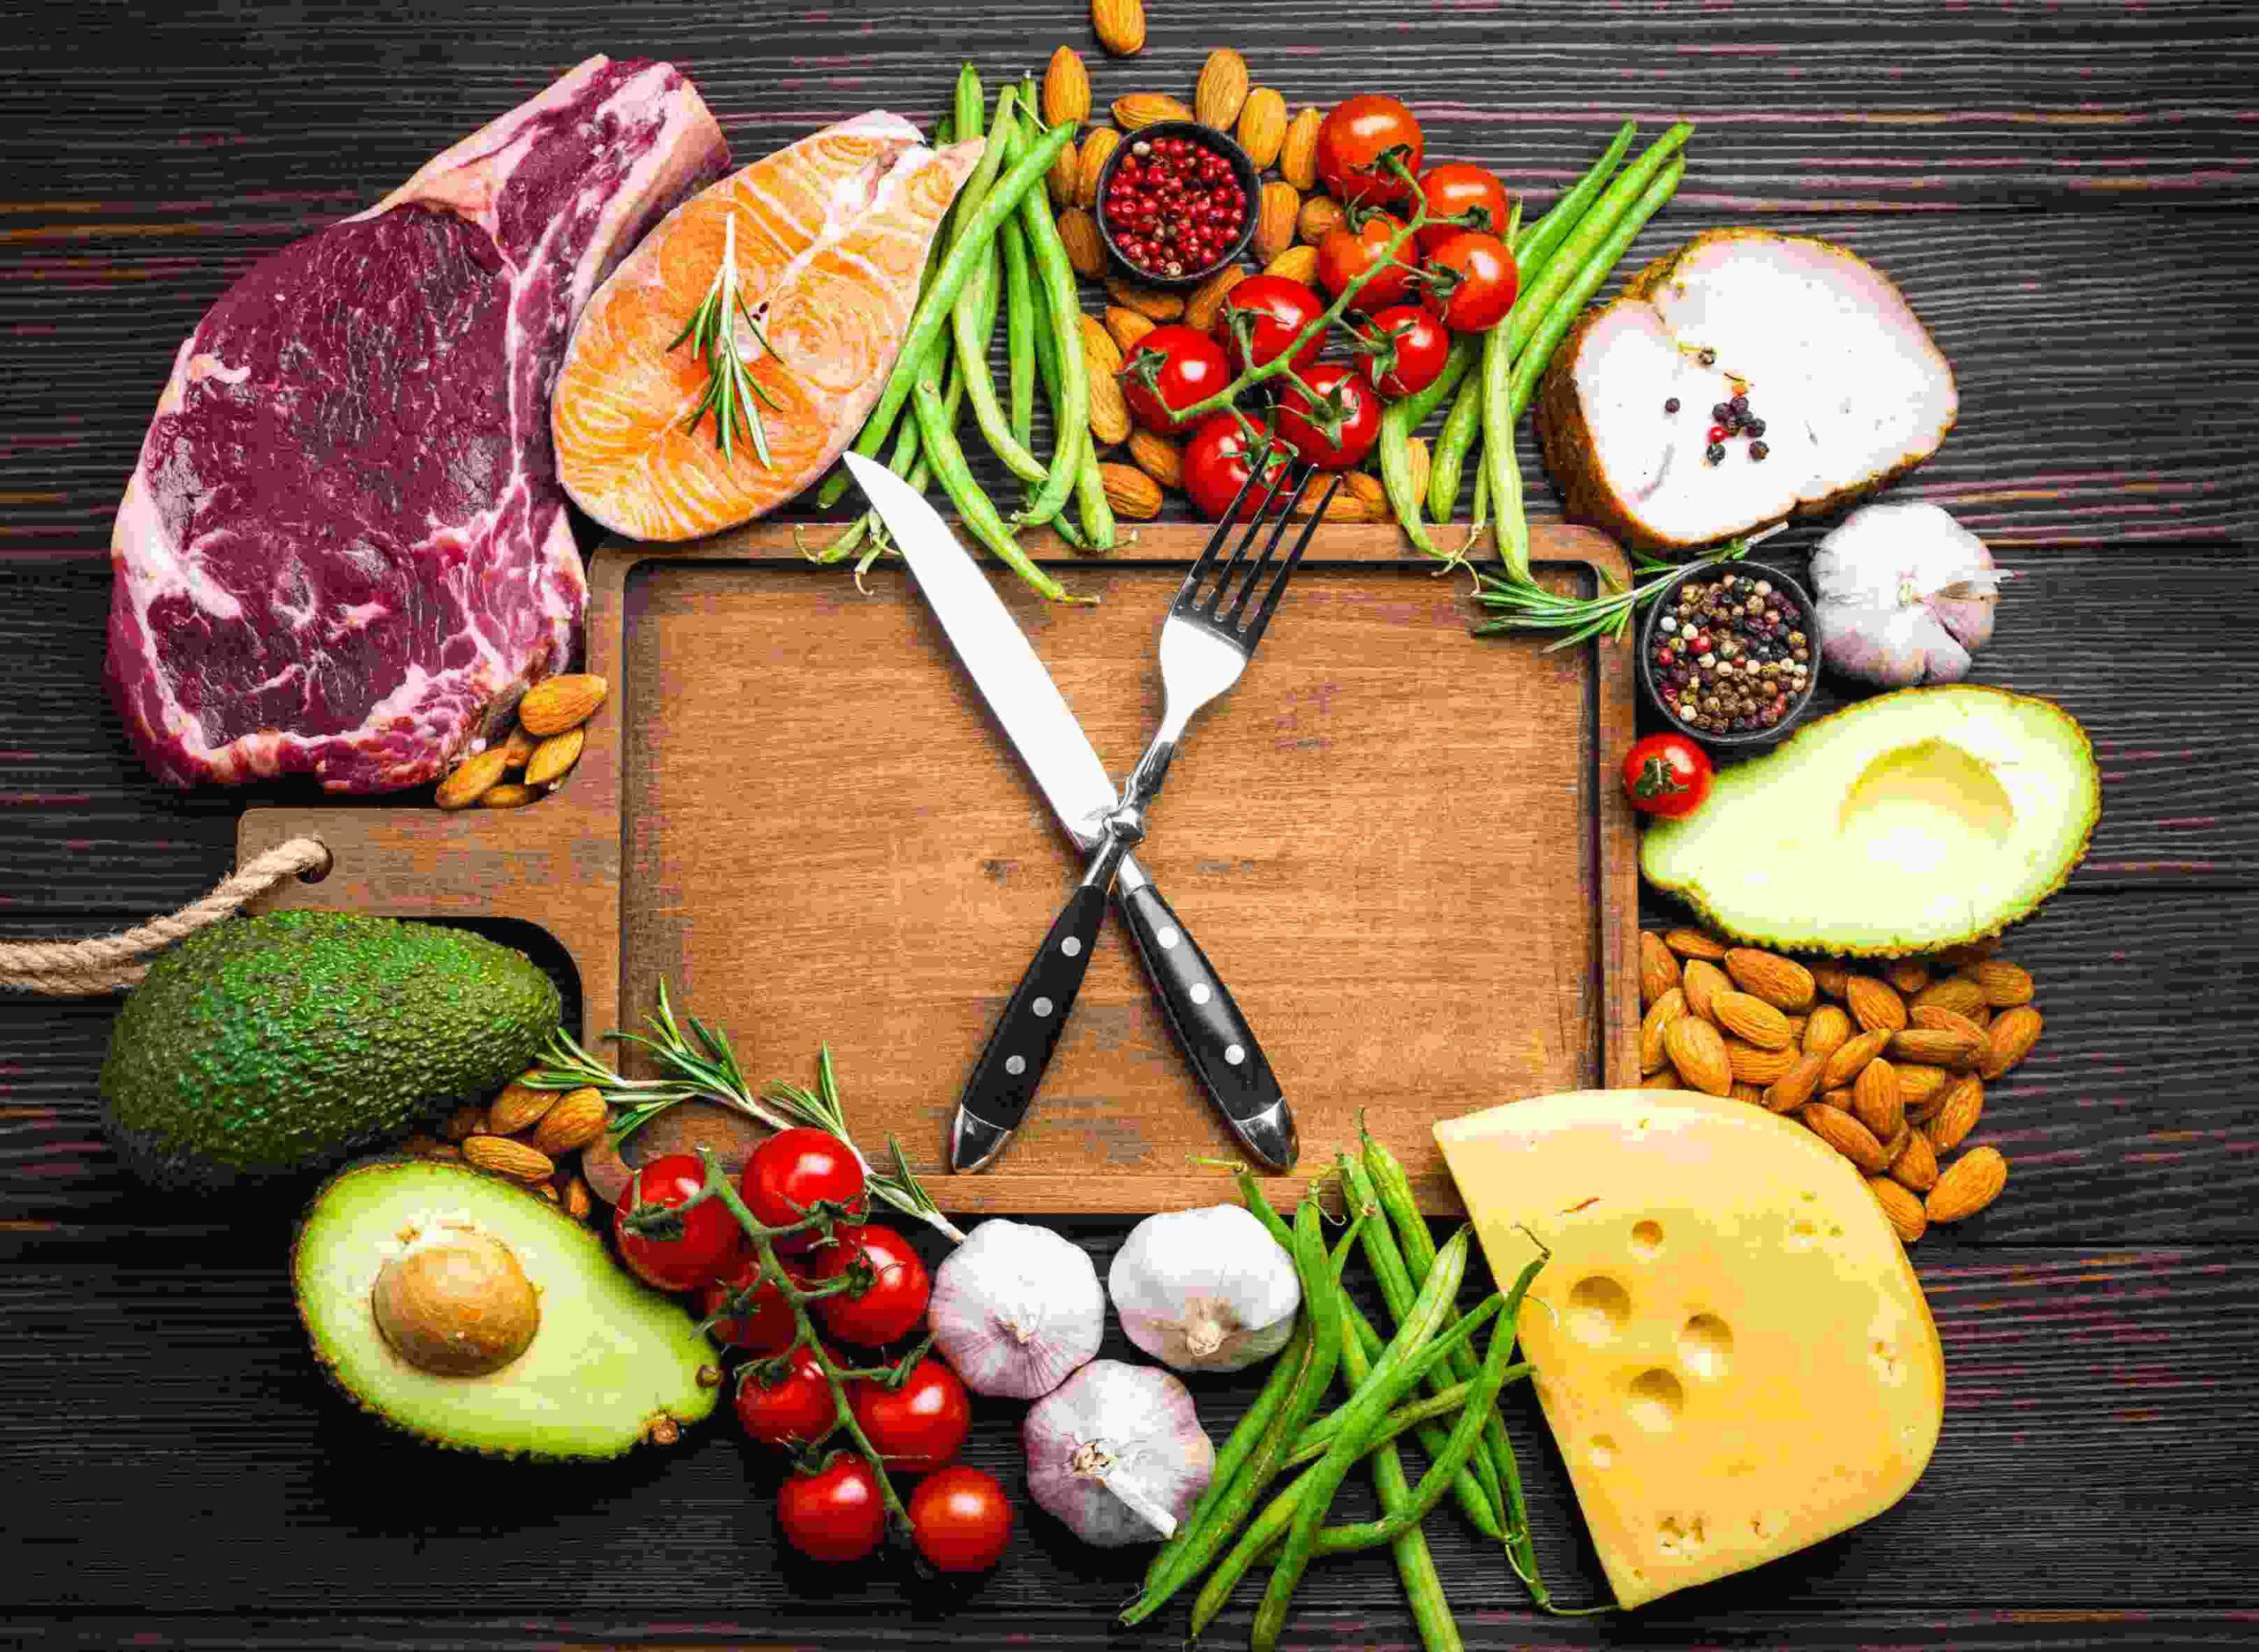 keto-diet-foods-JLXDZKE-1